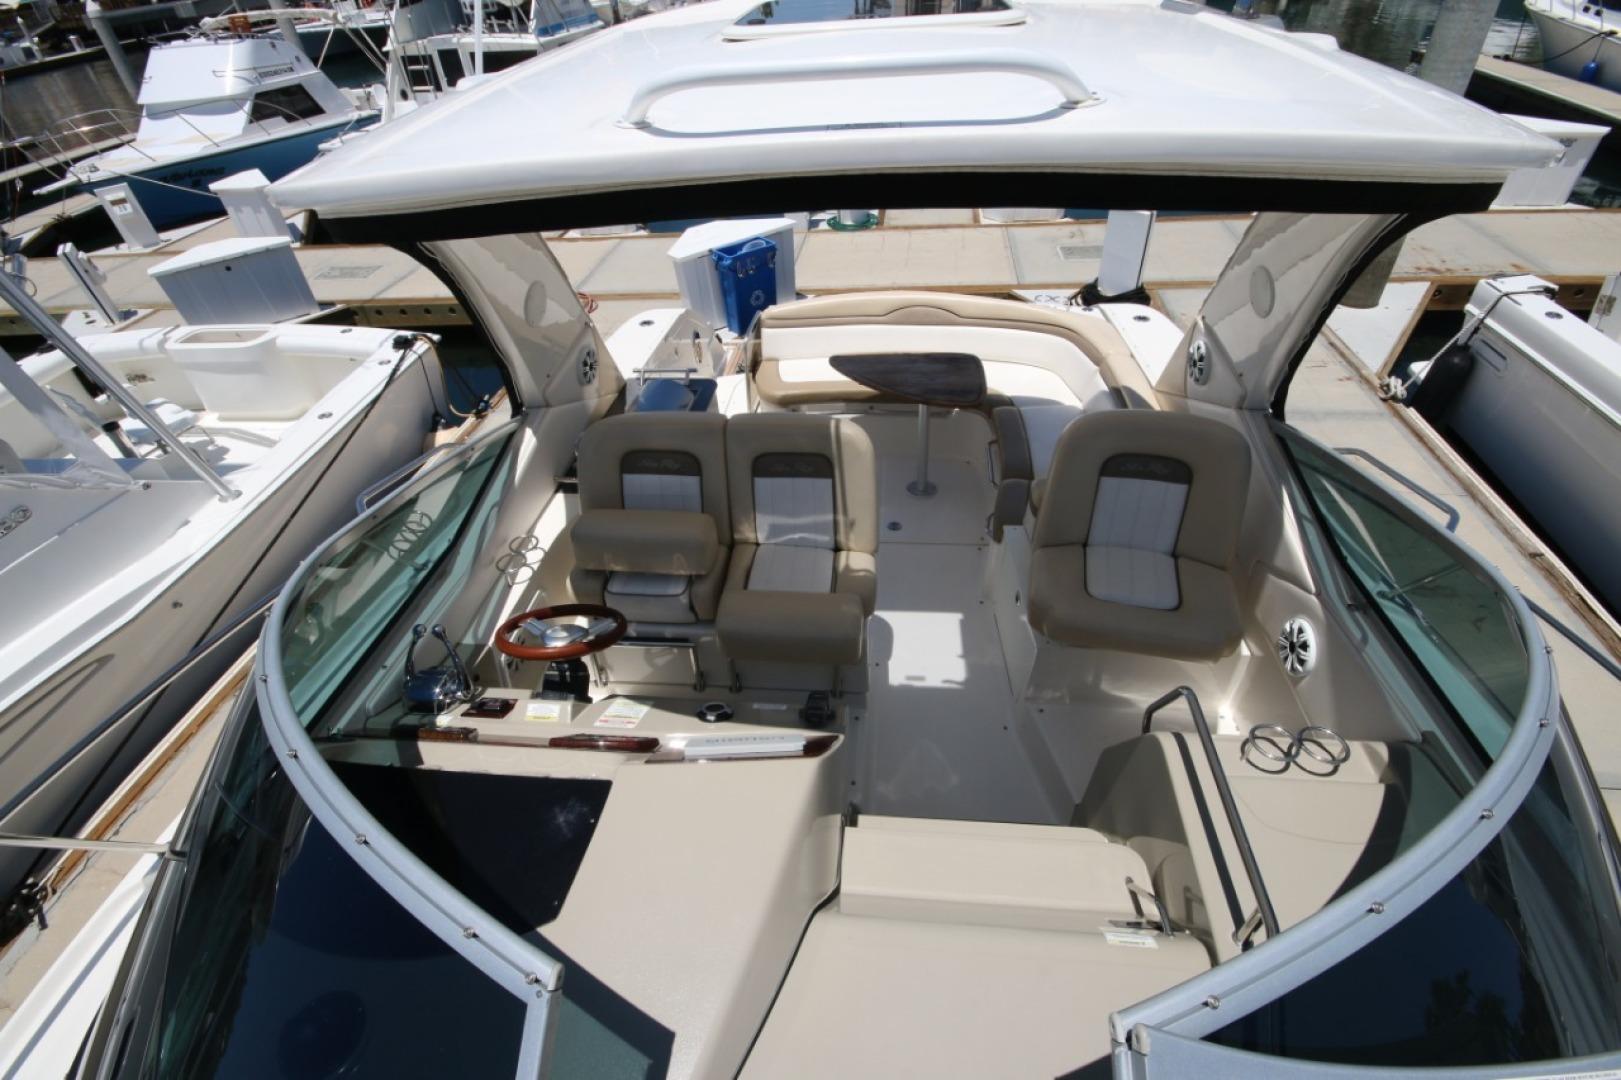 Sea Ray-370 Sun Dancer 2012-Mer Sea Cabo San Lucas-Mexico-2012 Sea Ray 370 Sun Dancer -1469061 | Thumbnail